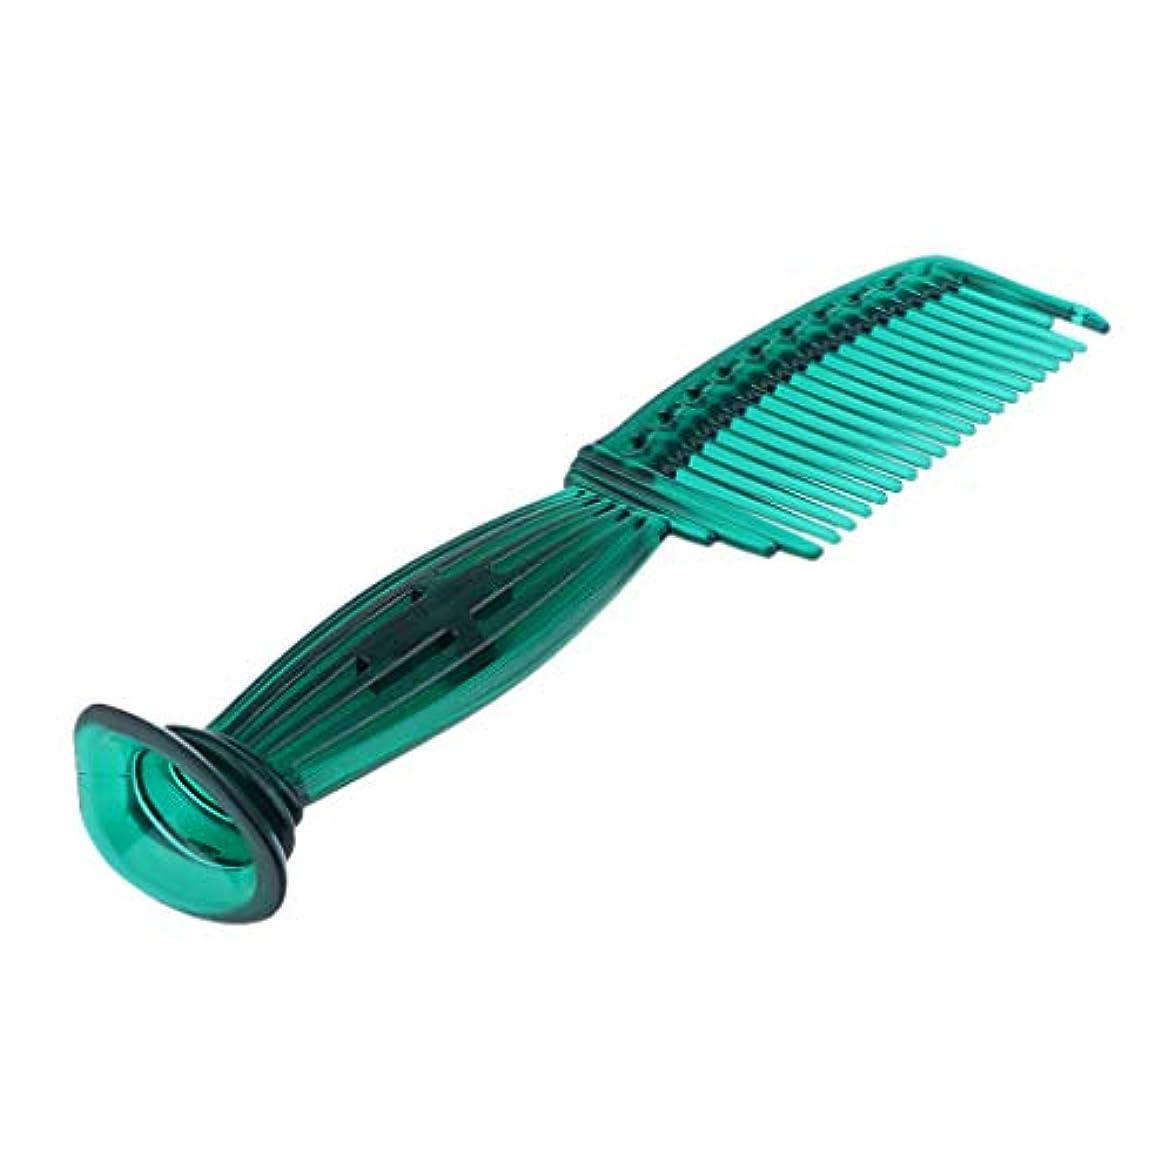 ヘアコーム ヘアブラシ ラウンドチップ ワイドスペースの歯 頭皮保護 櫛 5色選べ - 緑